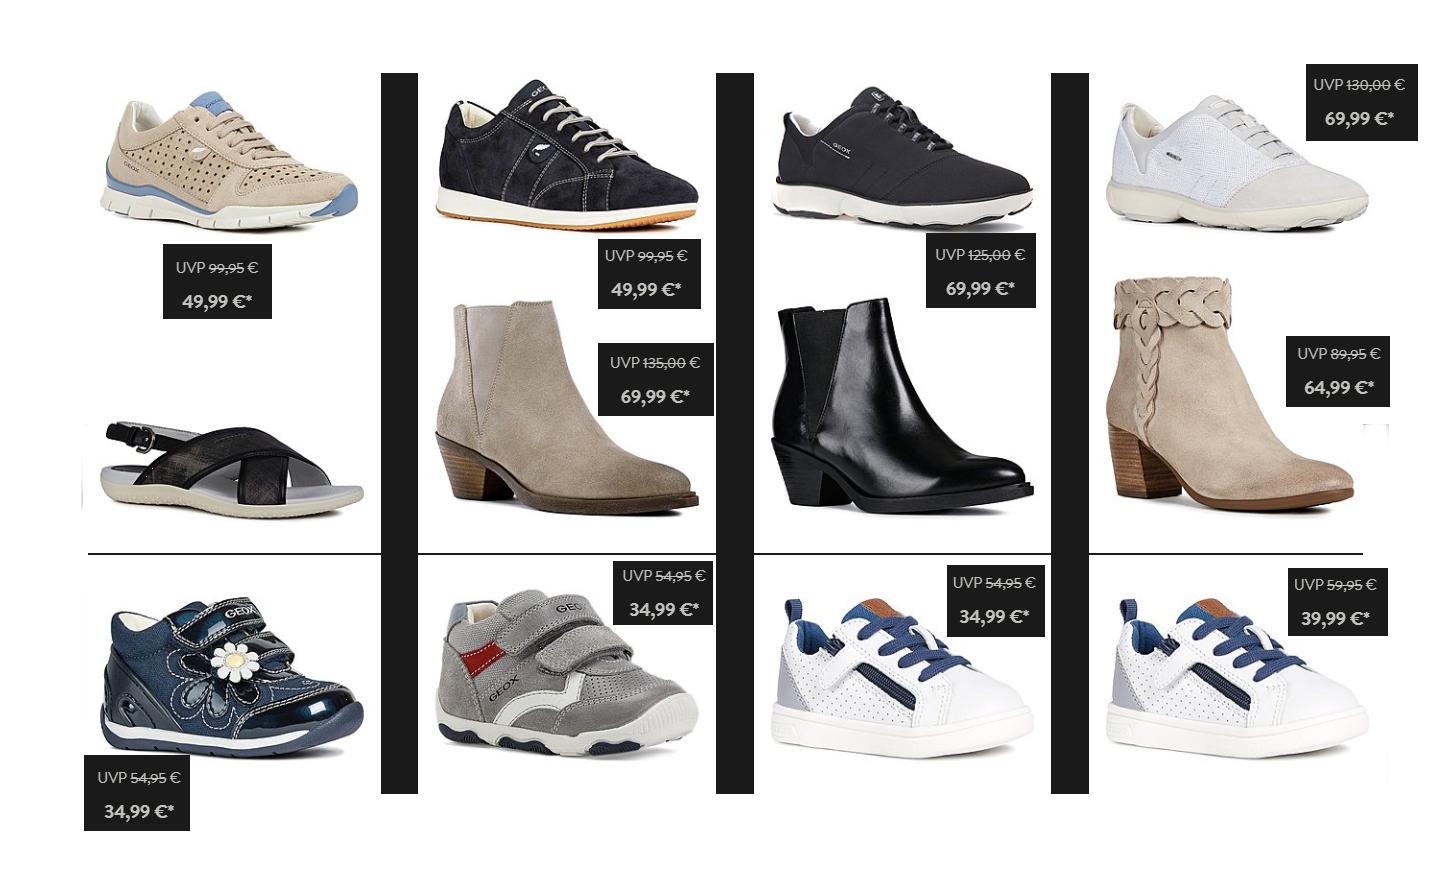 GEOX Schuhe für Herren, Damen und Kinder zum halben Preis